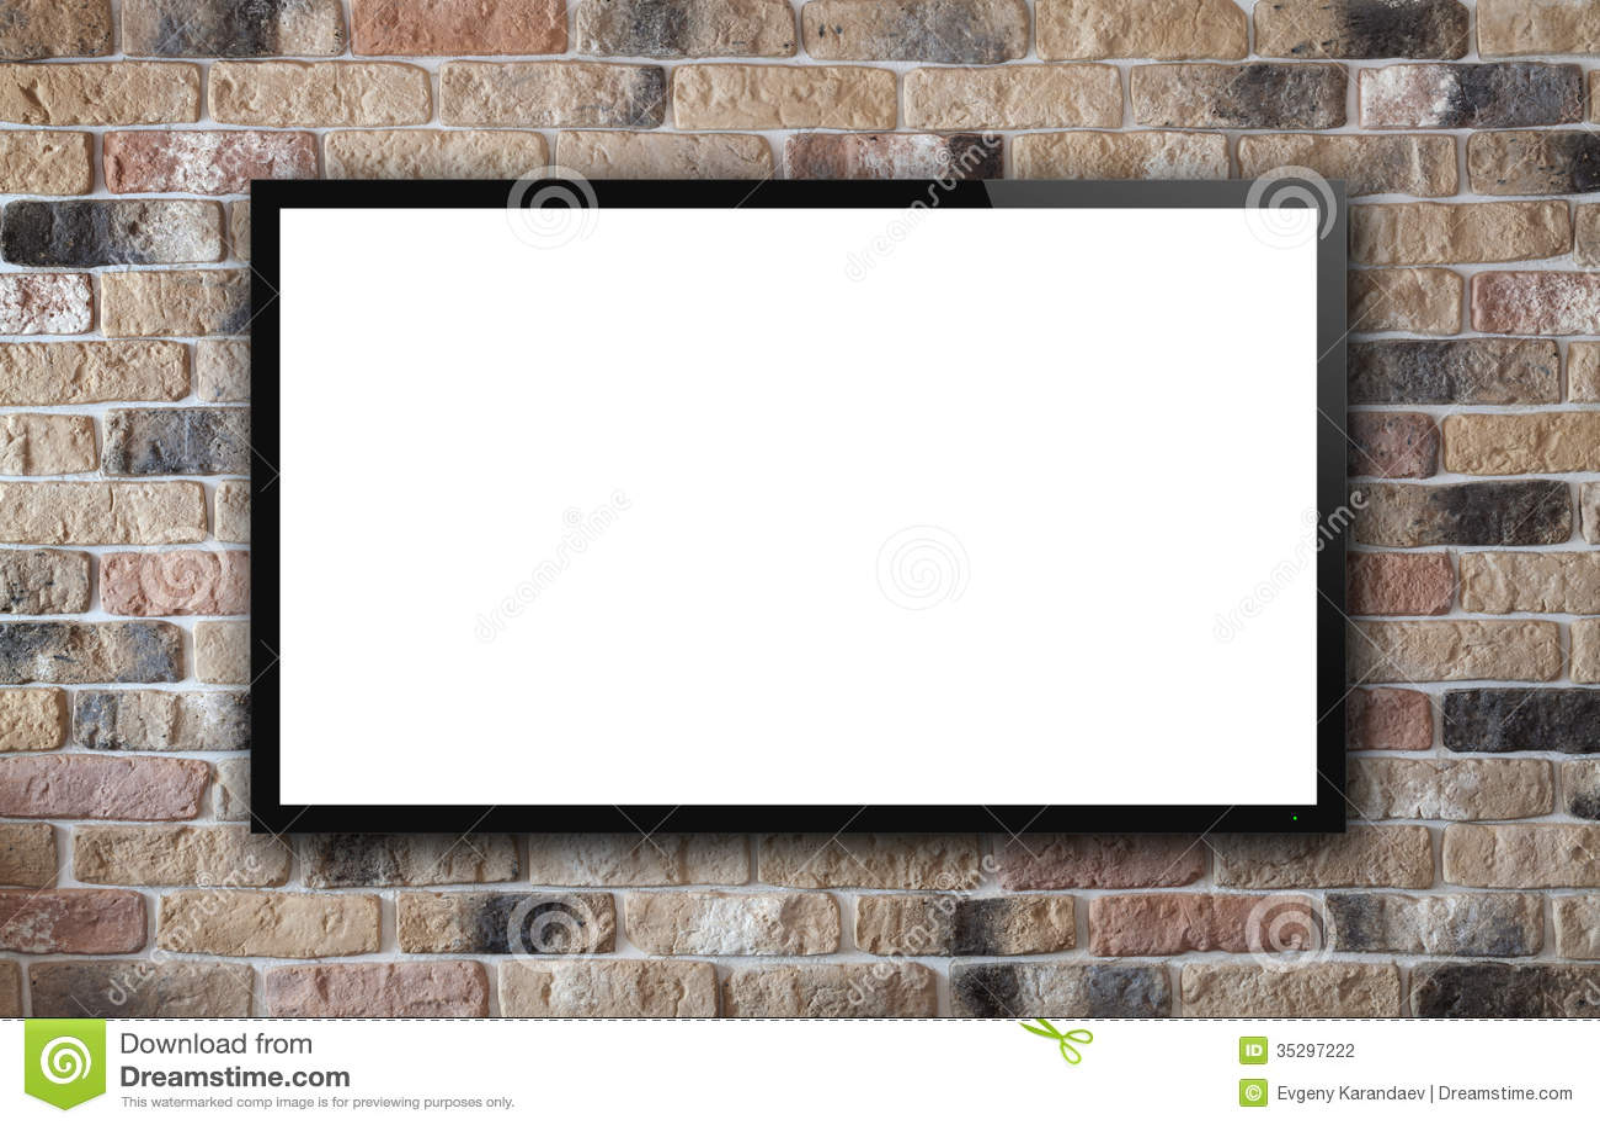 TVskärm på tegelstenväggen